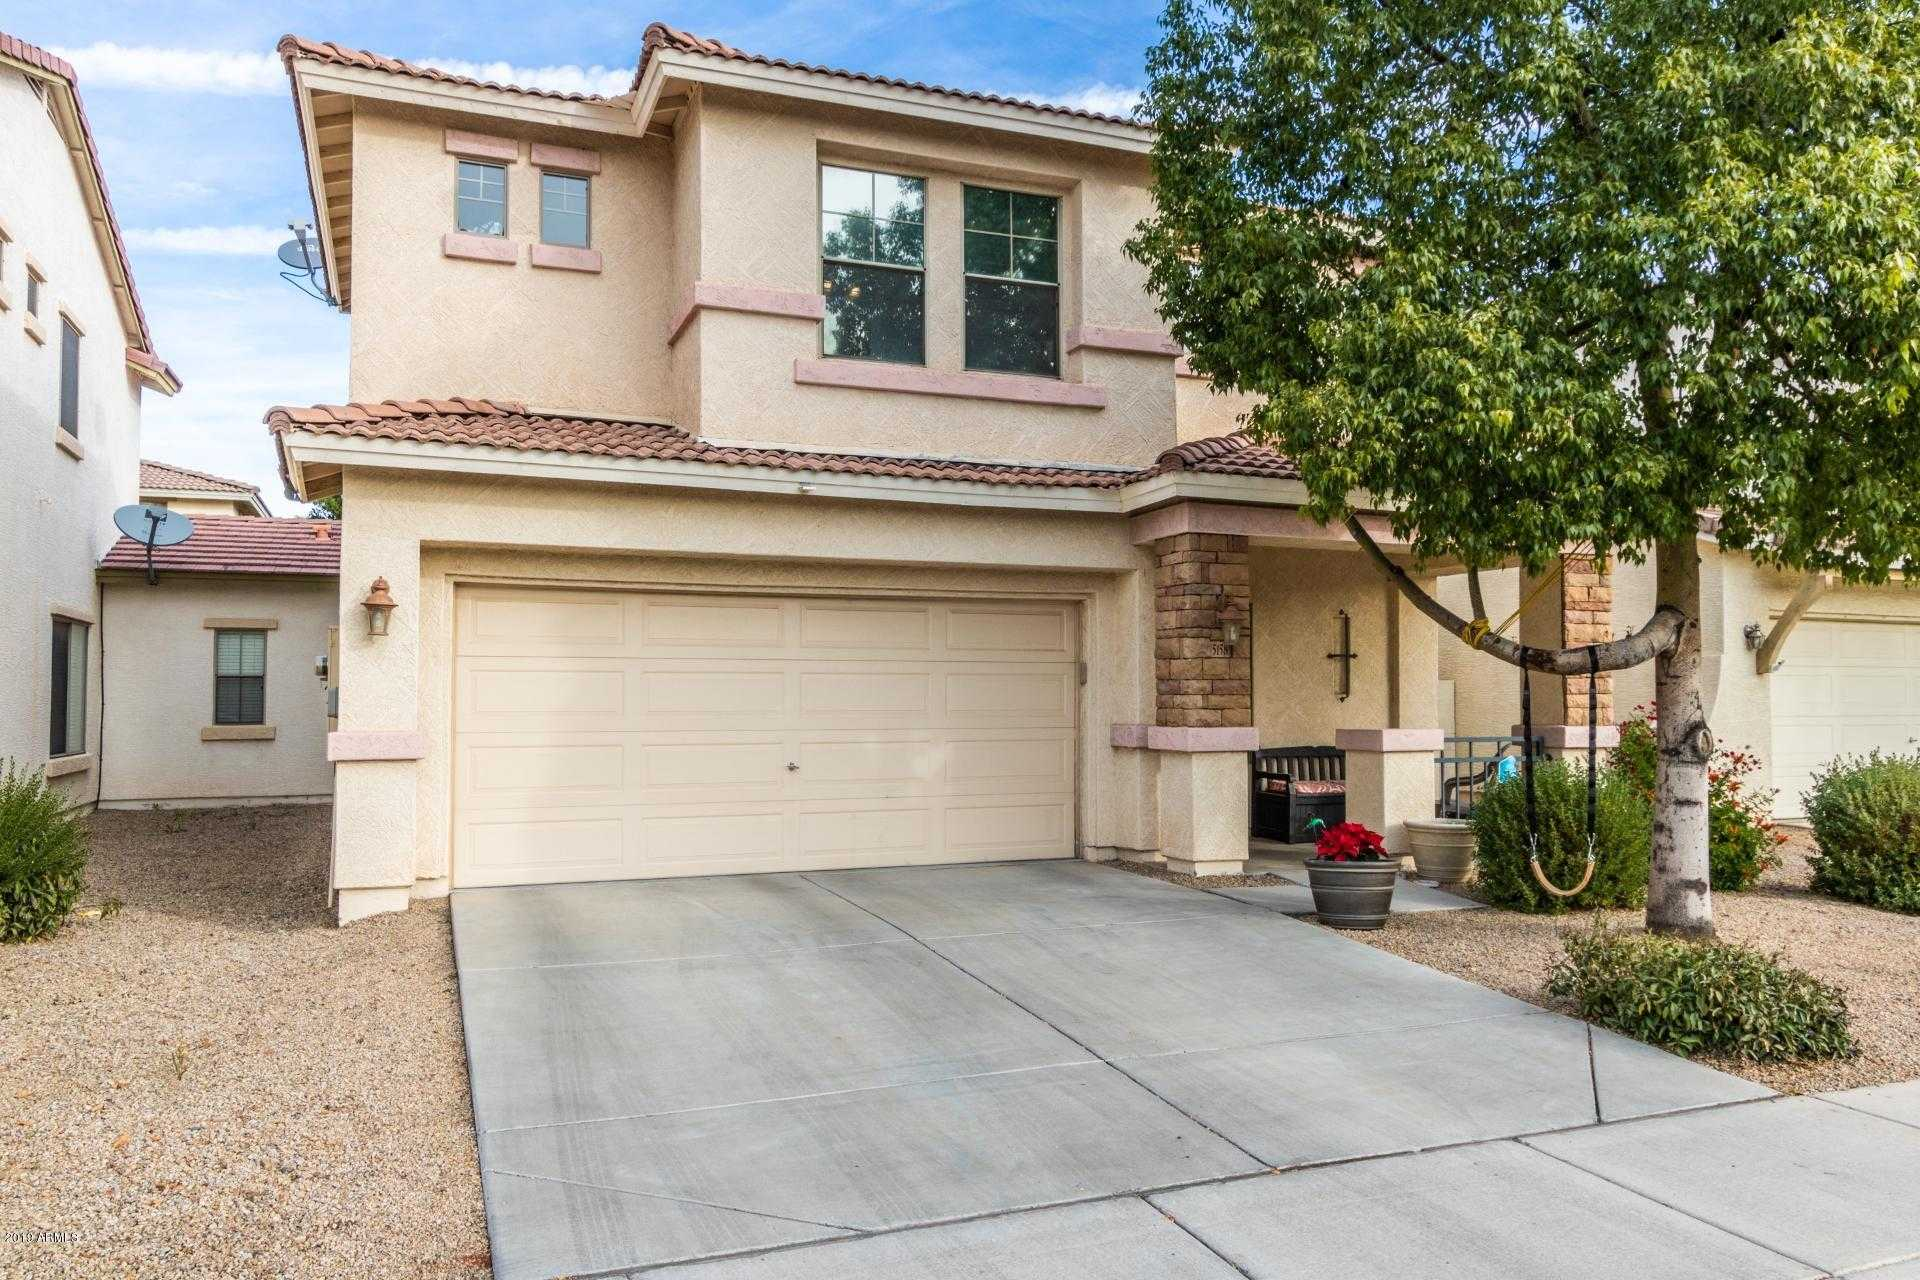 $235,000 - 3Br/3Ba - Home for Sale in La Paloma, Glendale